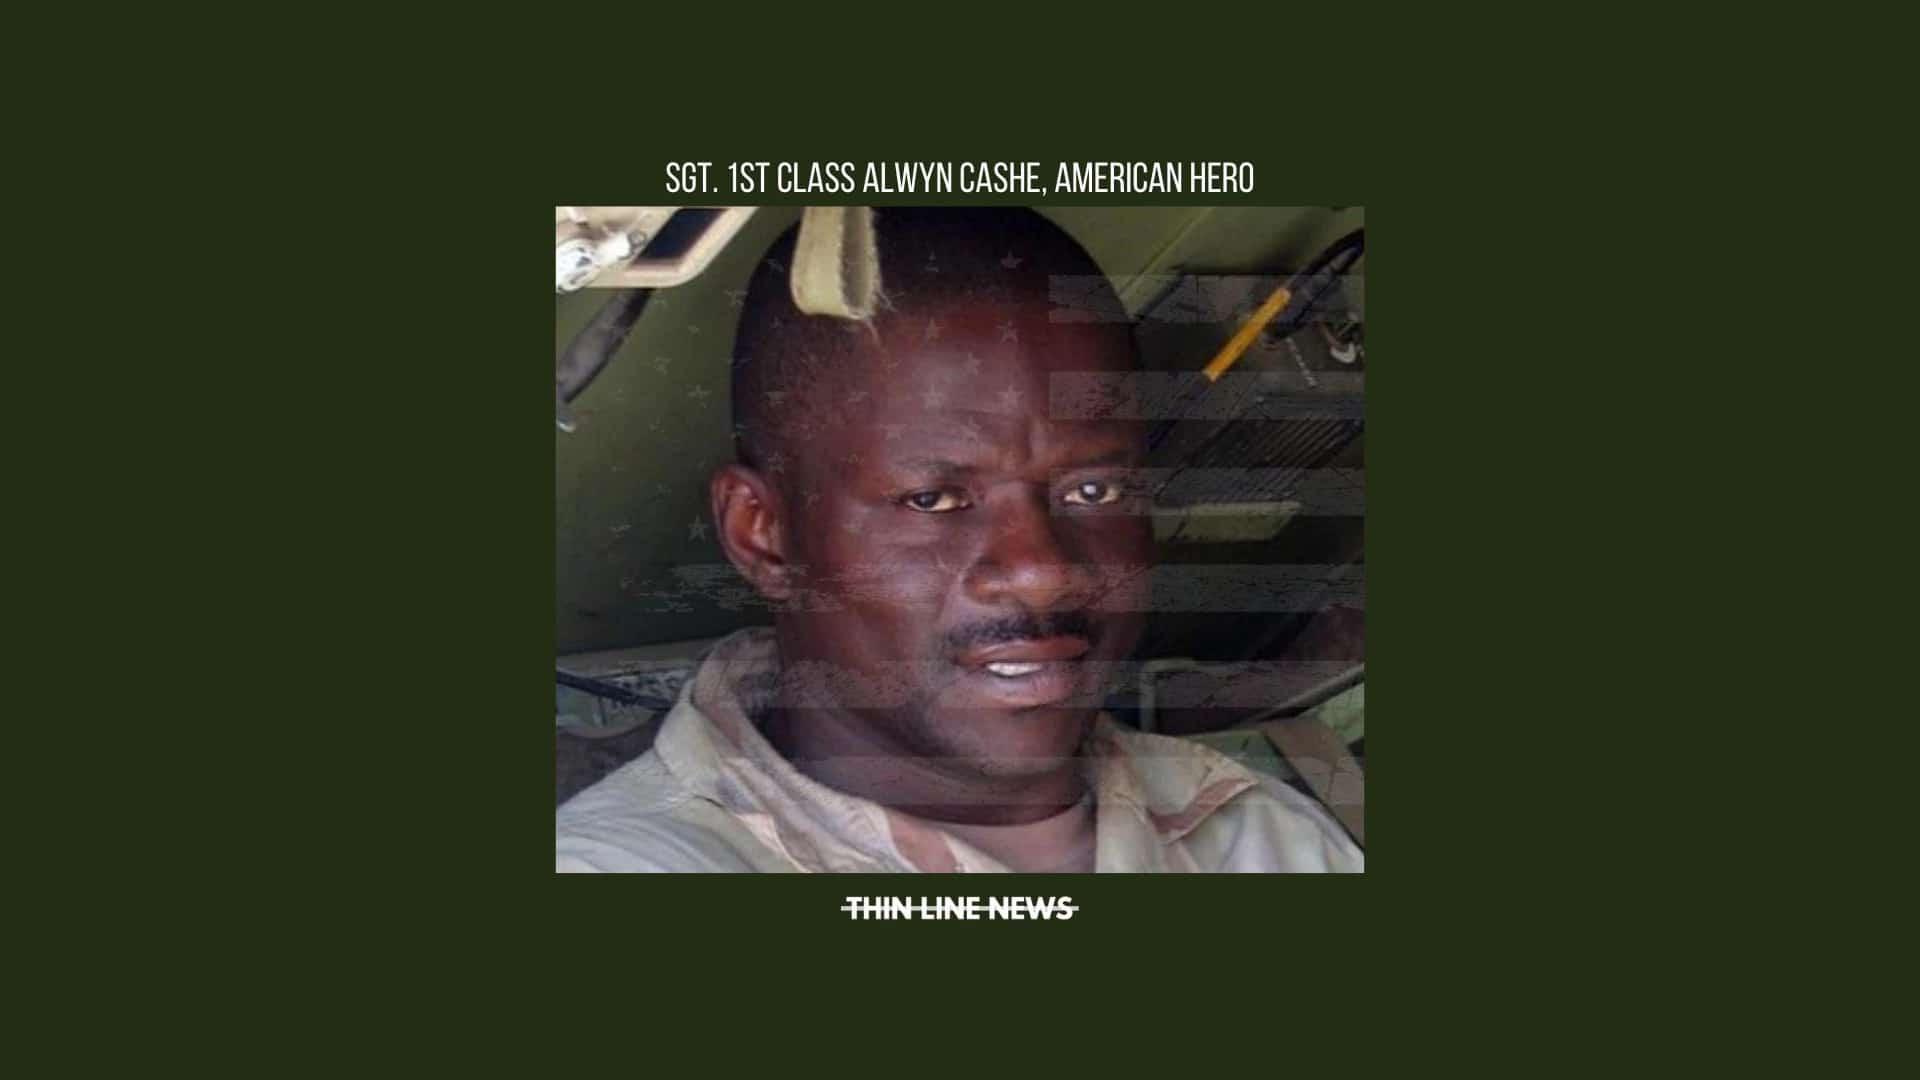 Honoring Sgt. 1st Class Alwyn Cashe